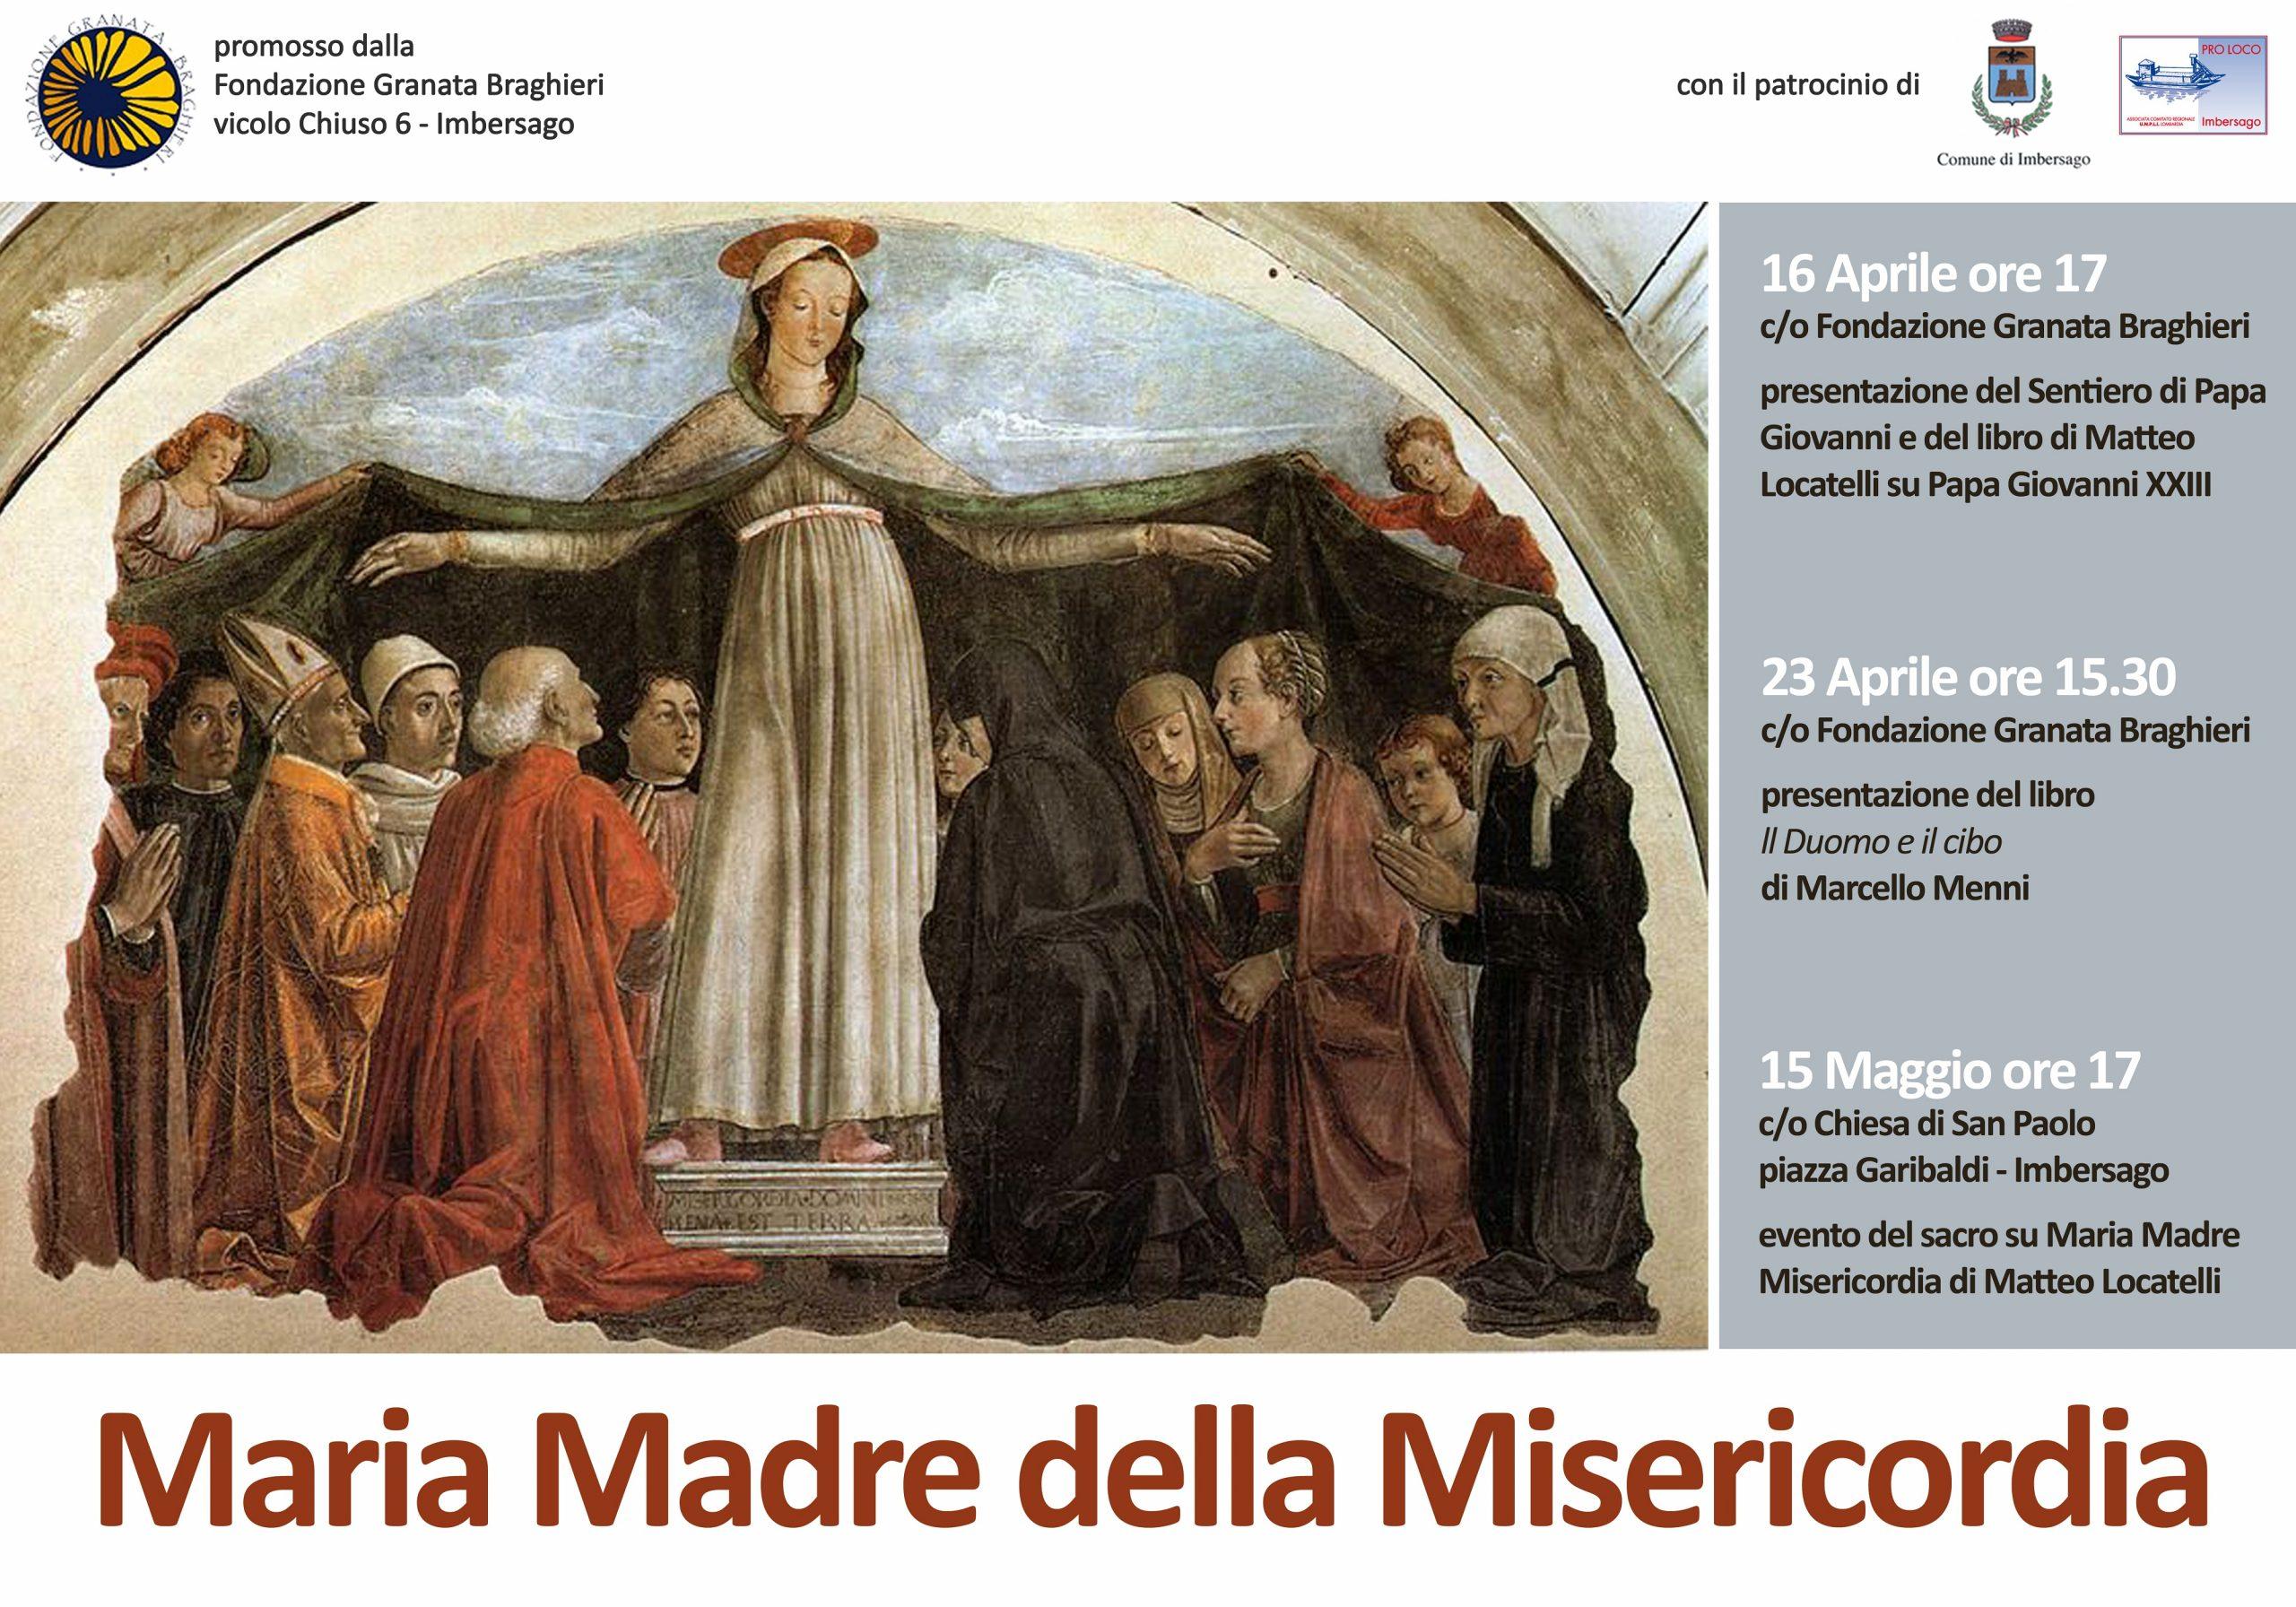 Maria Madre della Misericordia